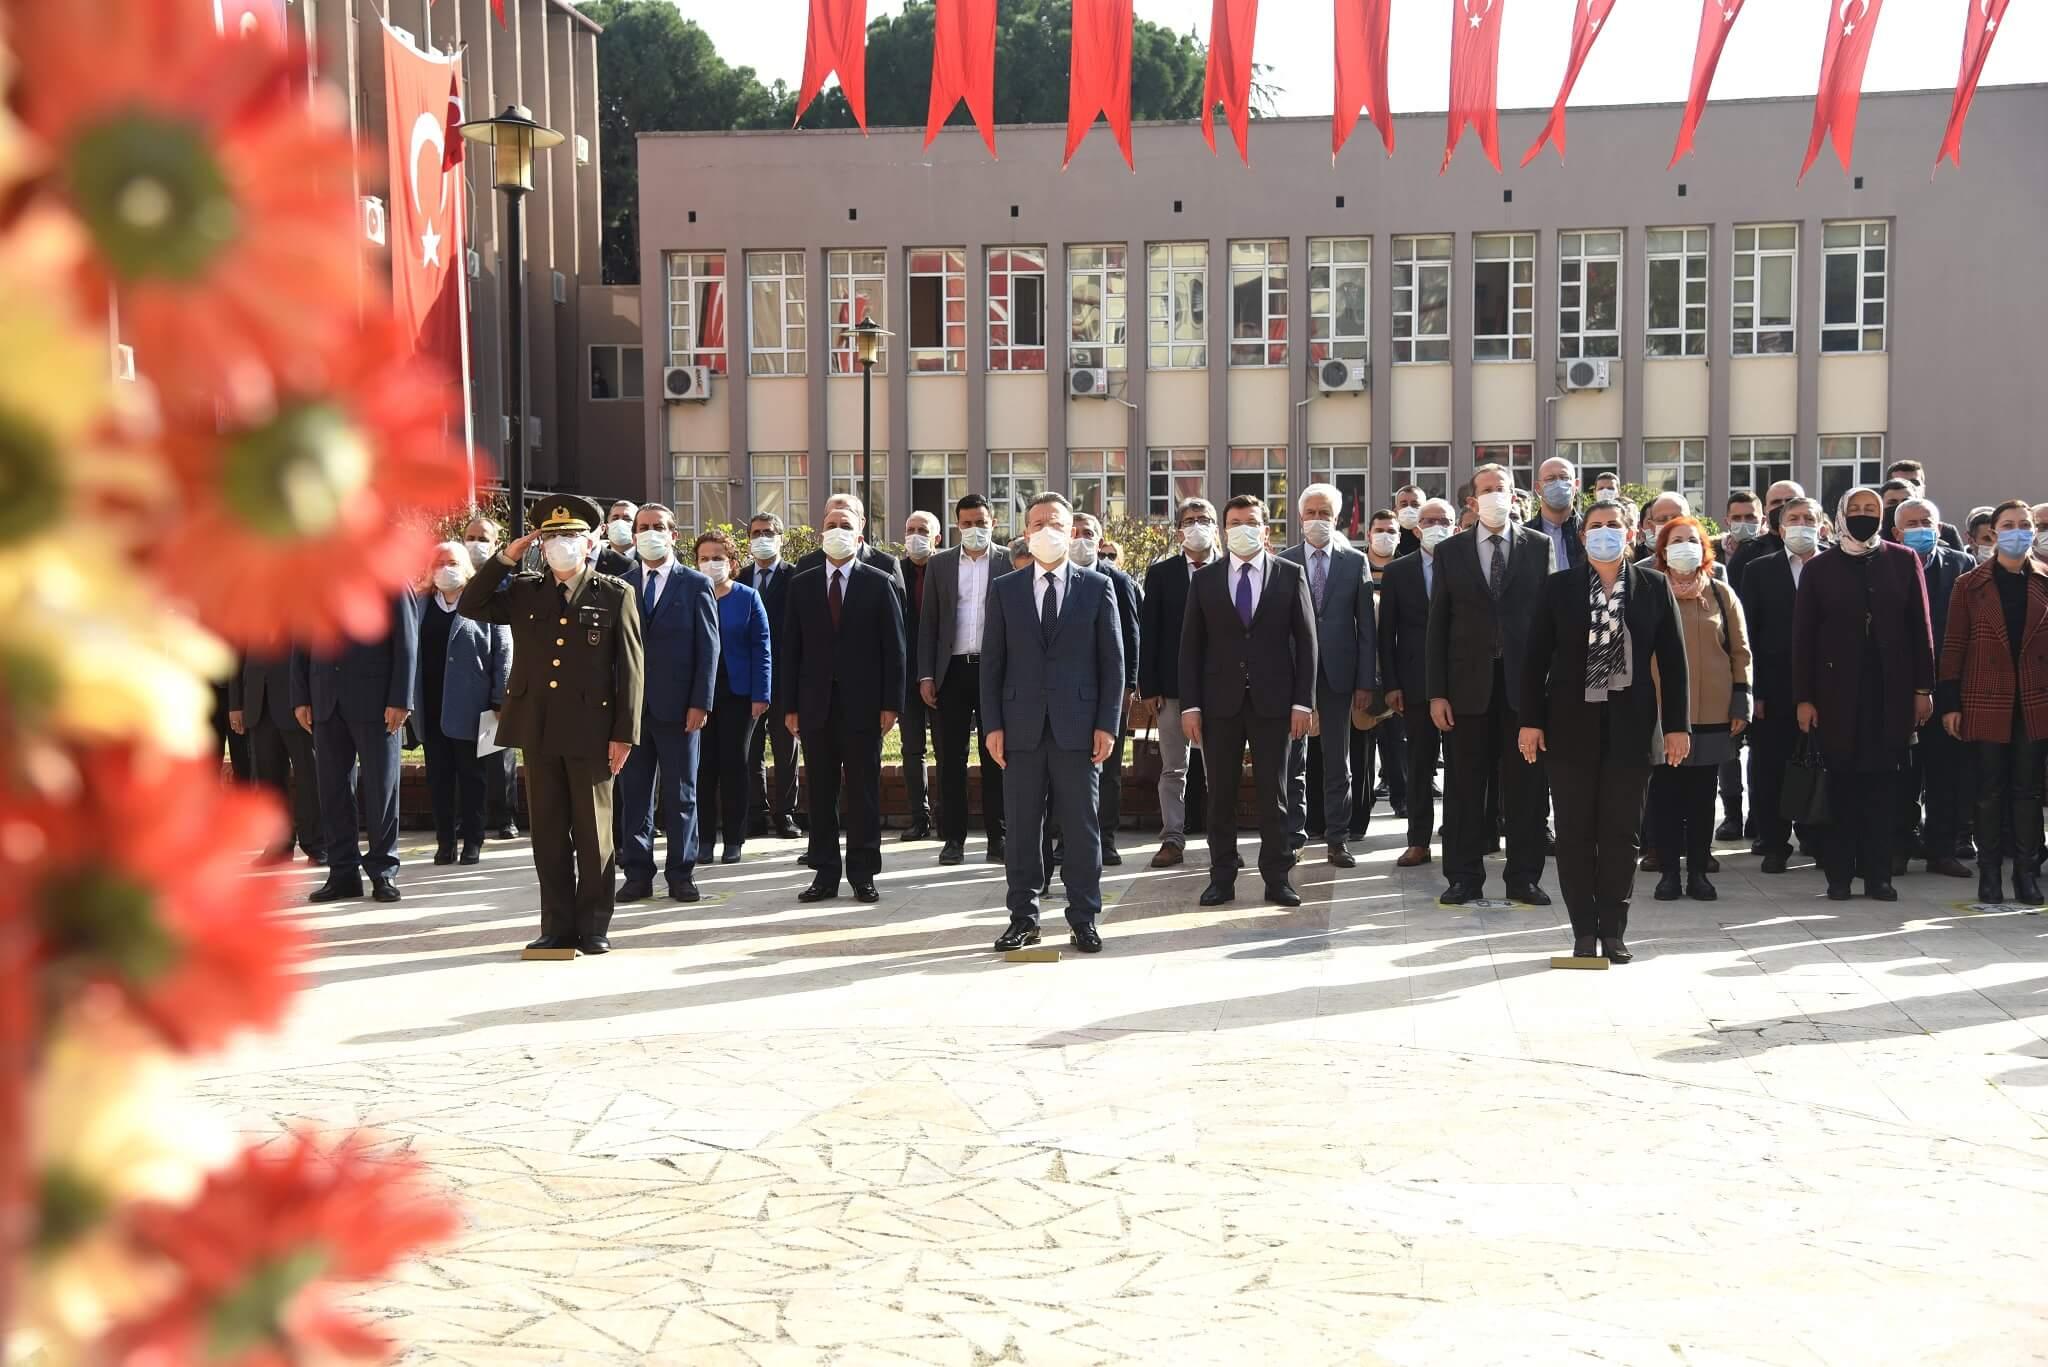 03.02.2021 Aydın Ticaret Borsası Meclis Başkanı A.Bahri Erdel, Atatürk'ün Aydın a Gelişinin 90. Yıldönümü Dolayısıyla Düzenlenen Anma Programı'na Katıldı